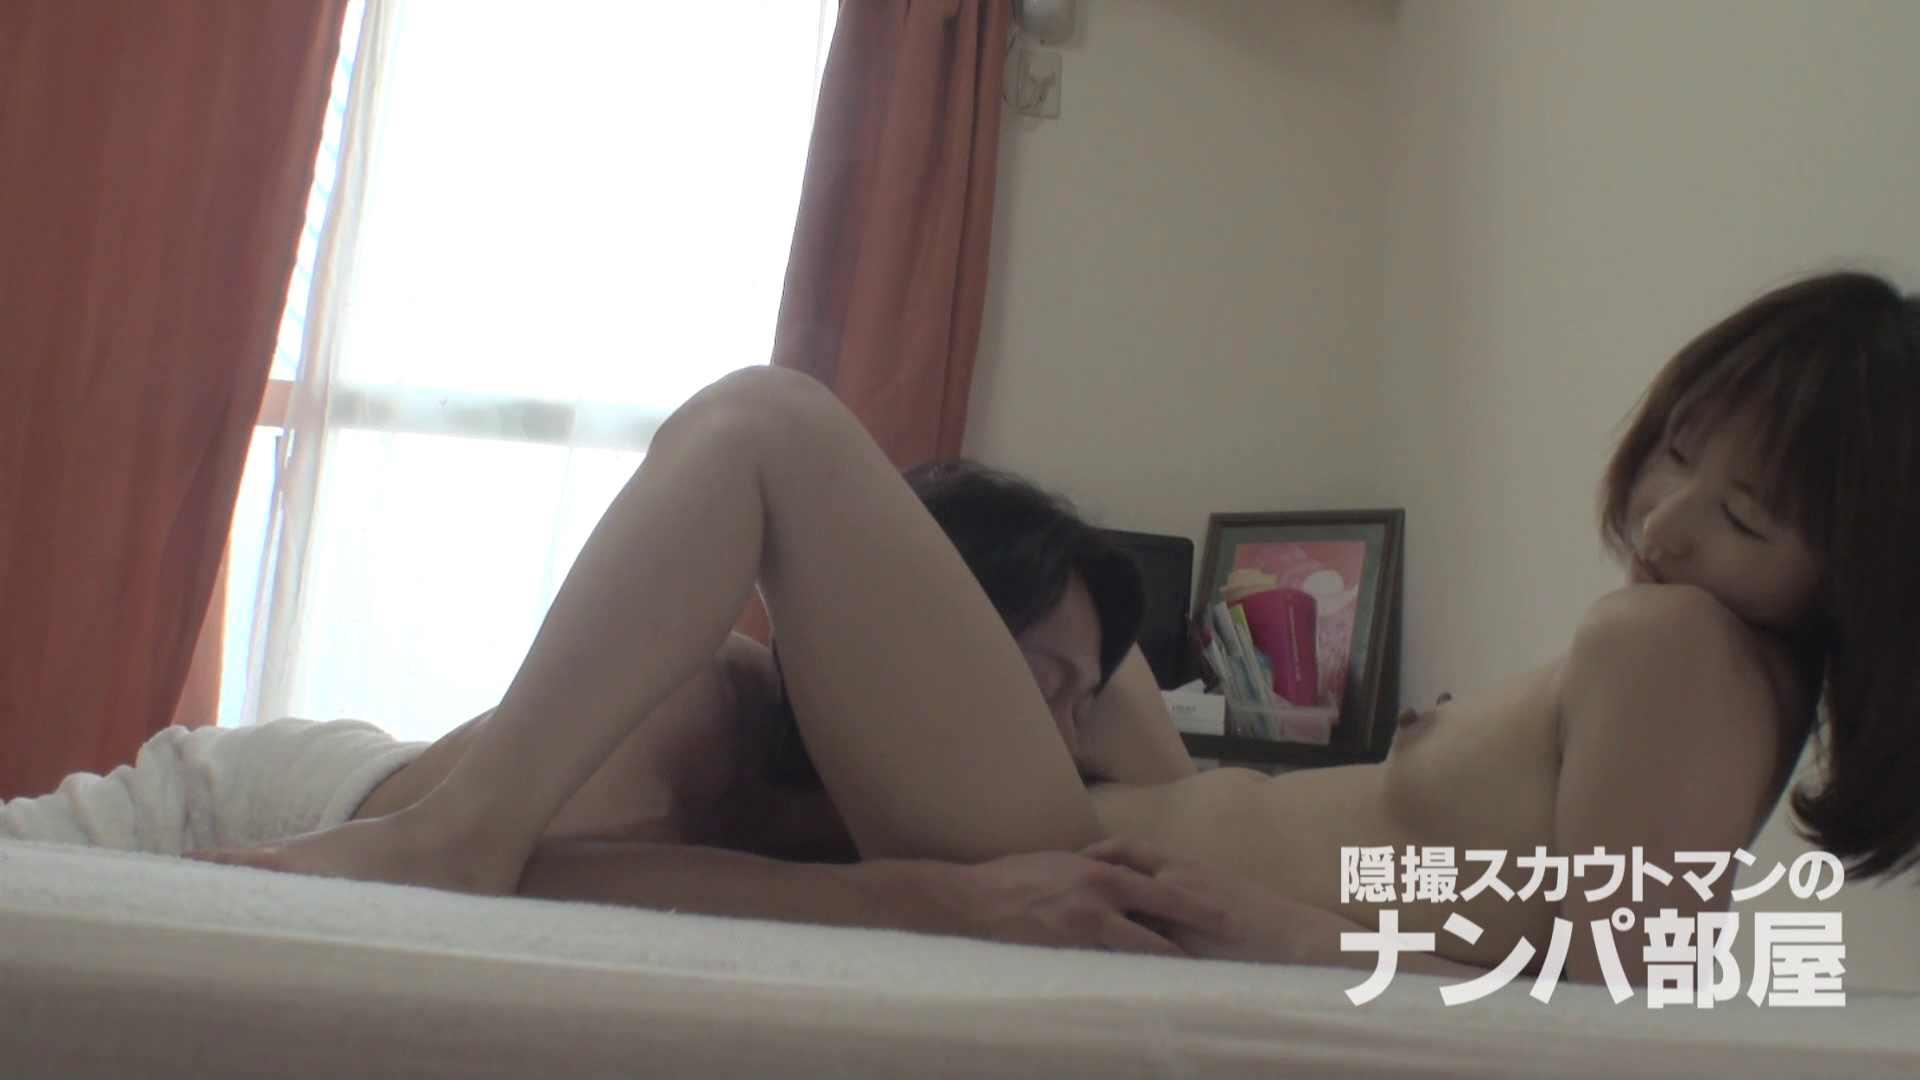 隠撮スカウトマンのナンパ部屋~風俗デビュー前のつまみ食い~ sii 隠撮   脱衣所  67pic 58